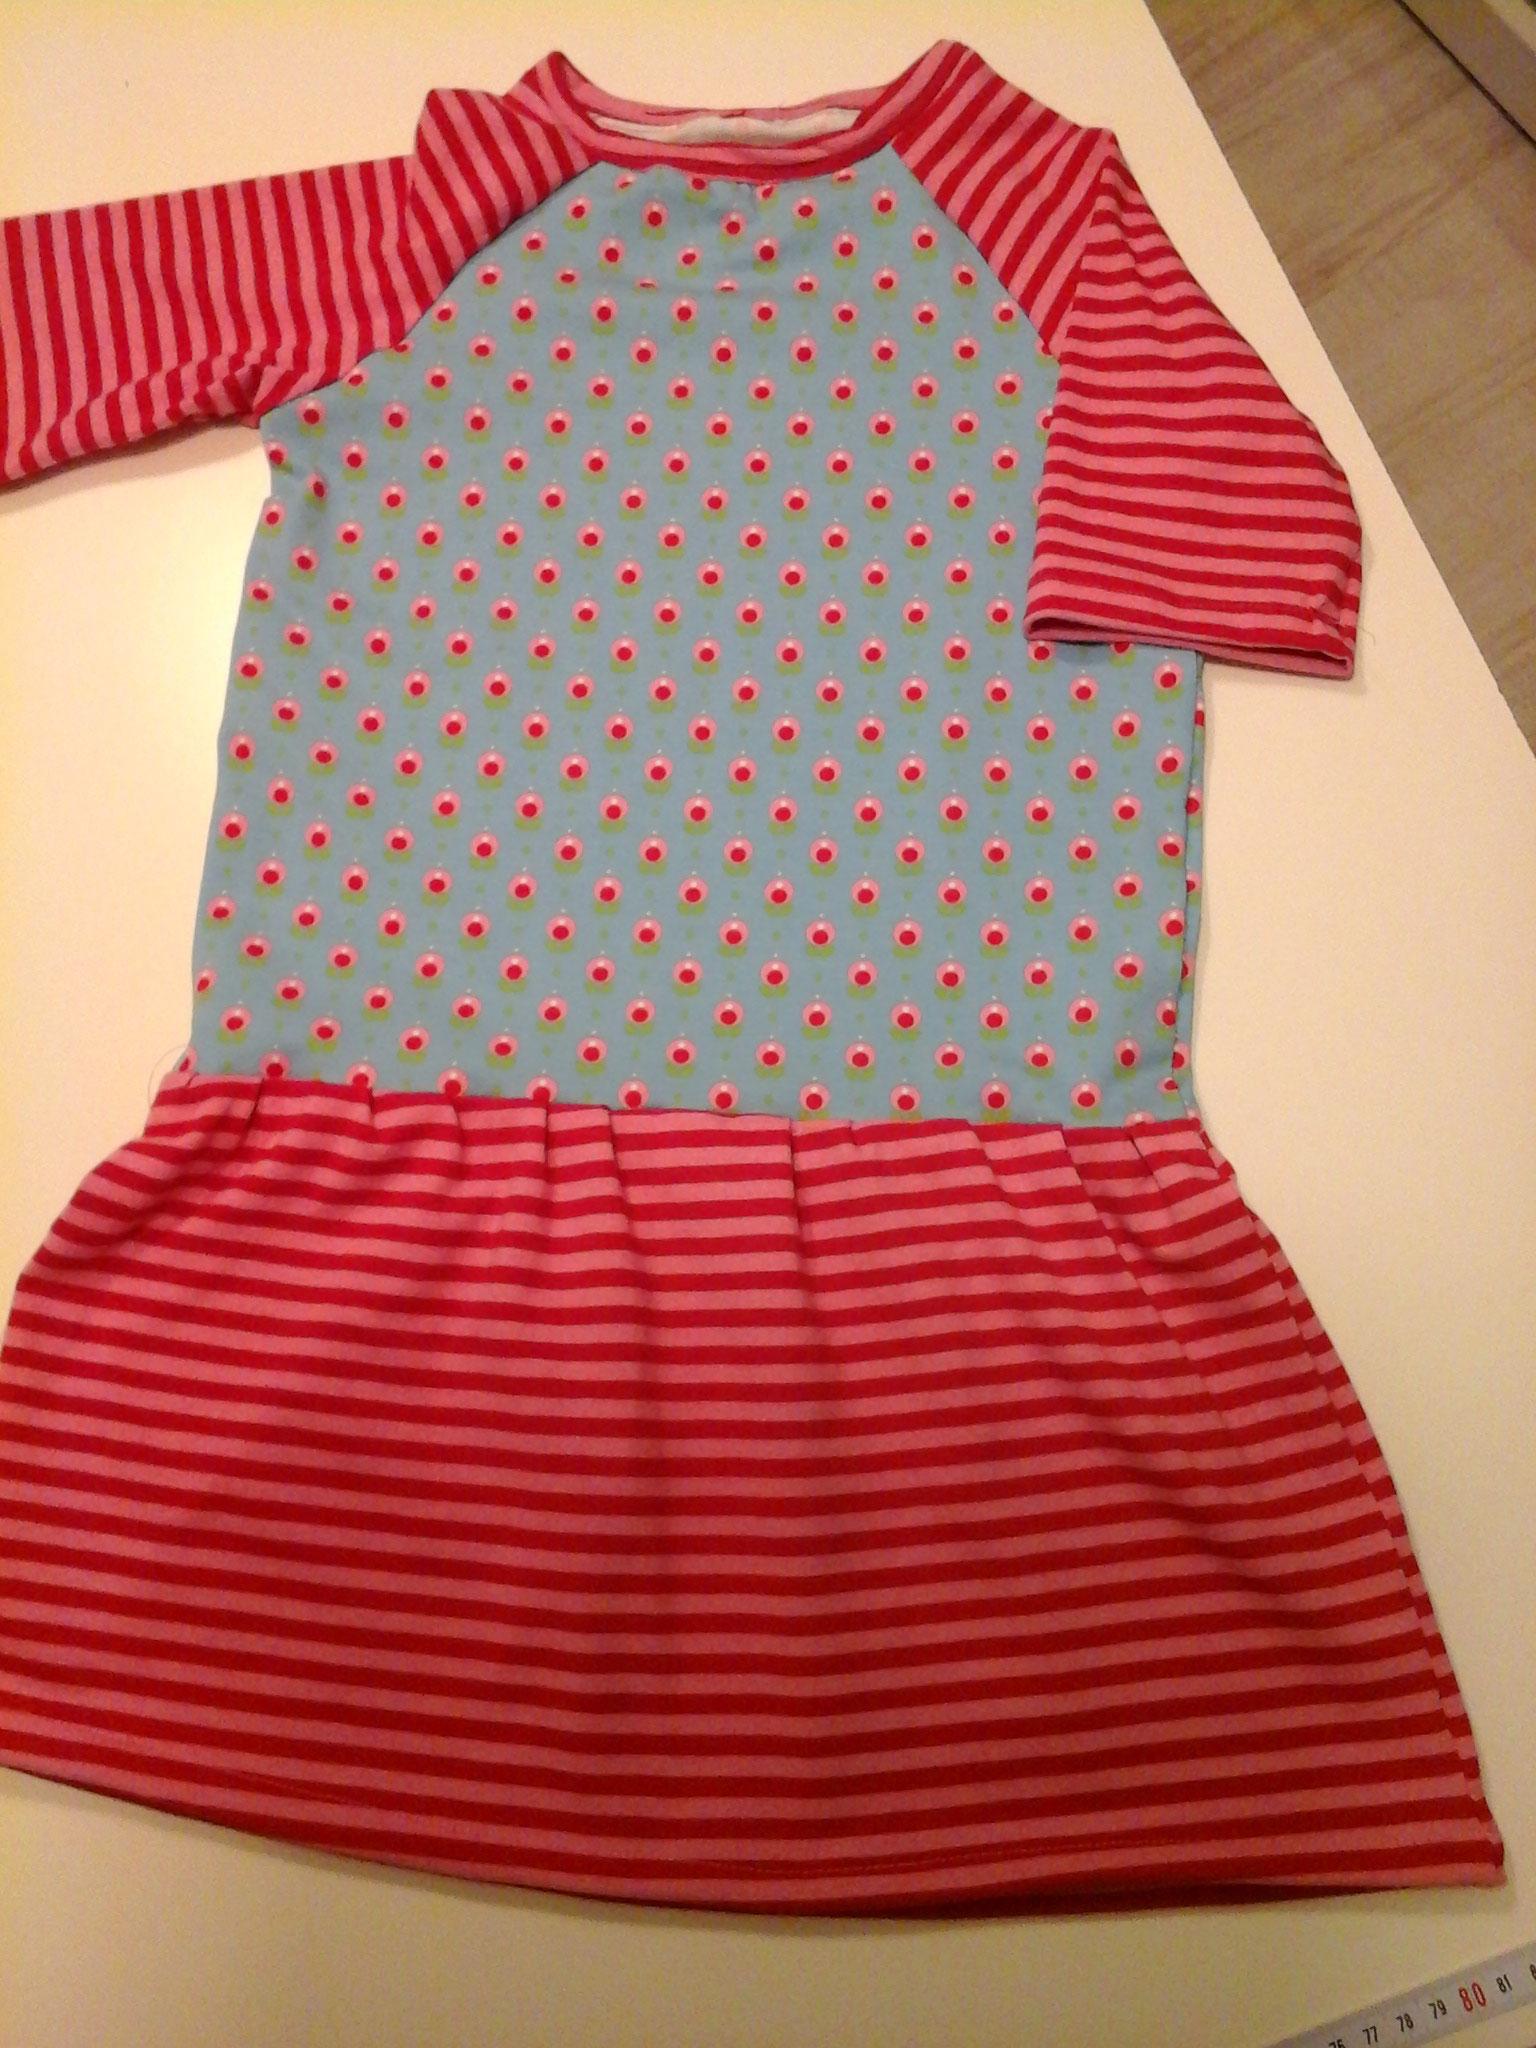 Kinder-Basicshirt-Kurs (Abwandlung zu einem süßen Kleidchen) von M.